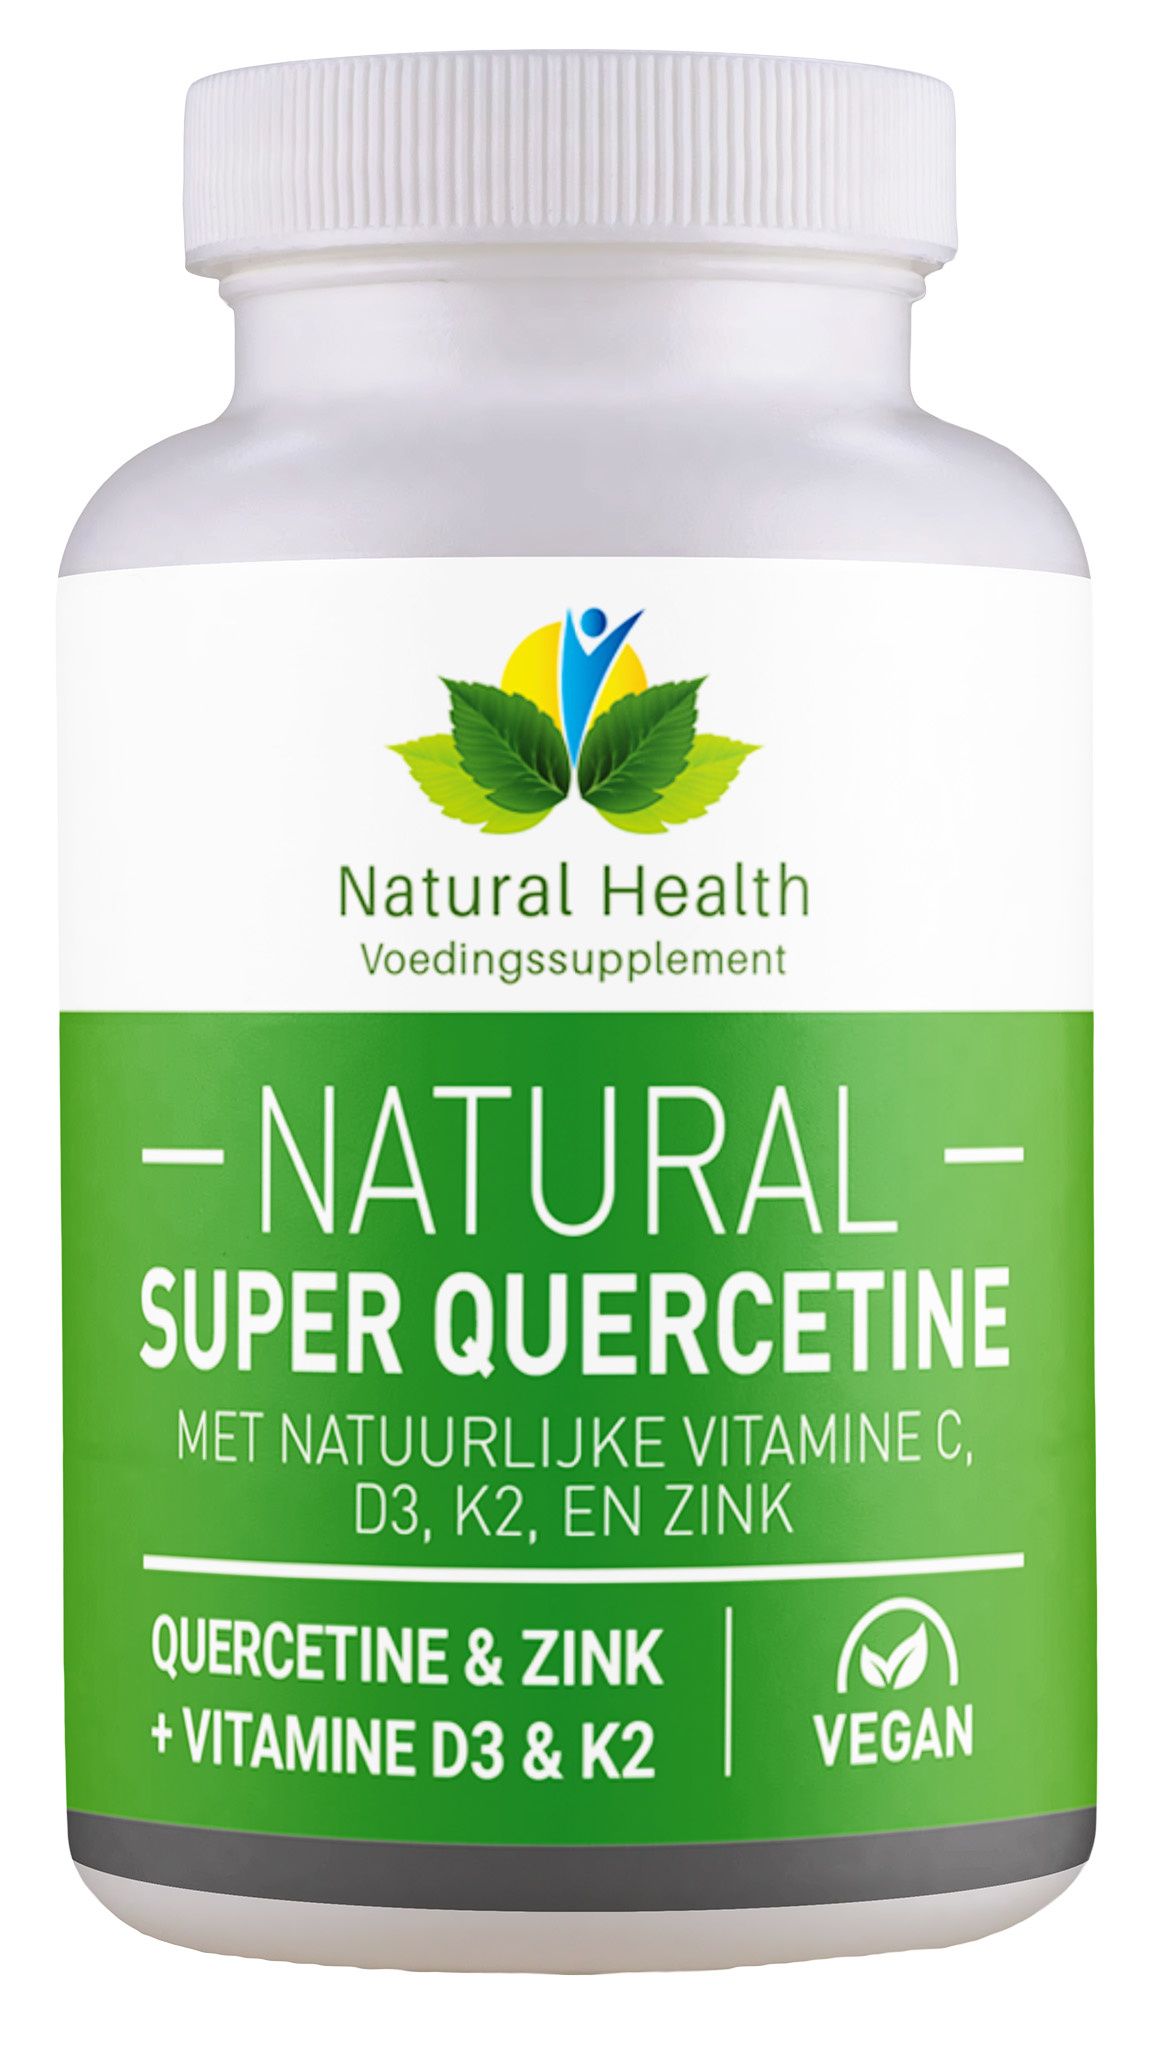 Natural Super Quercetine